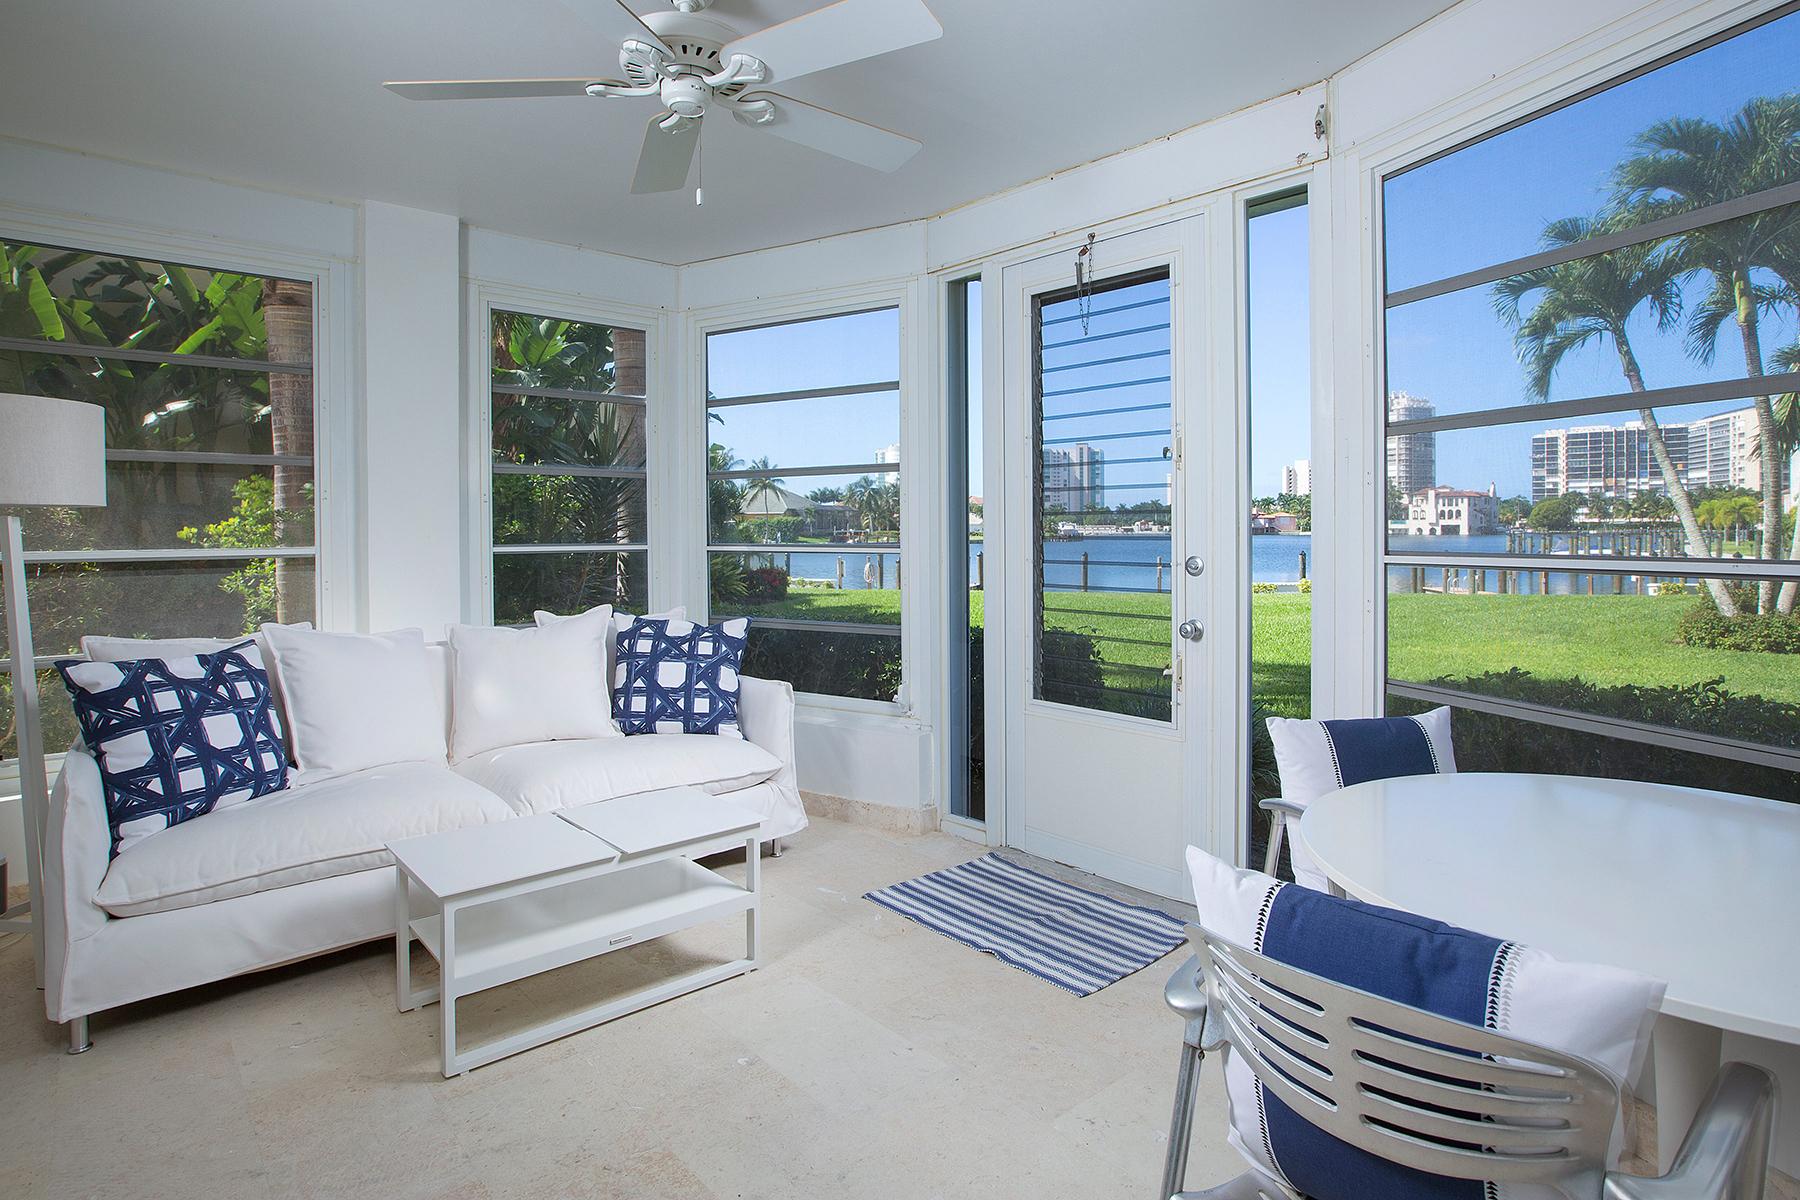 Condomínio para Venda às PARK SHORE - COLONY GARDENS 400 Park Shore Dr Unit 100 Naples, Florida, 34103 Estados Unidos